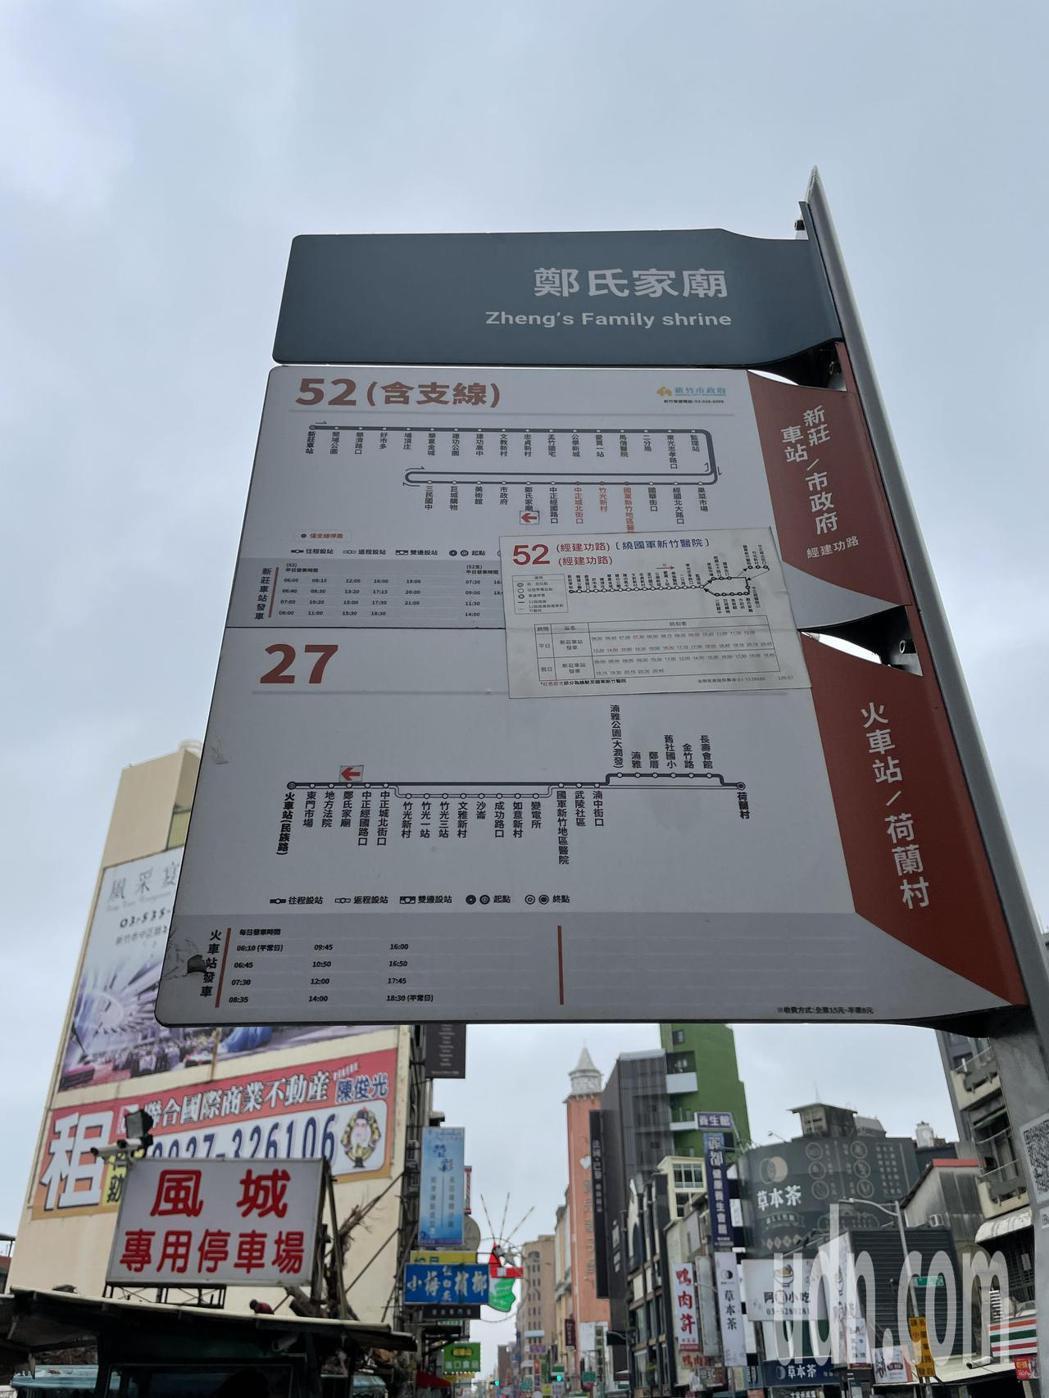 新竹市去年新作的公車站牌為旗桿式,但站牌高且字體小,引來民眾抱怨看不清路線資訊。...